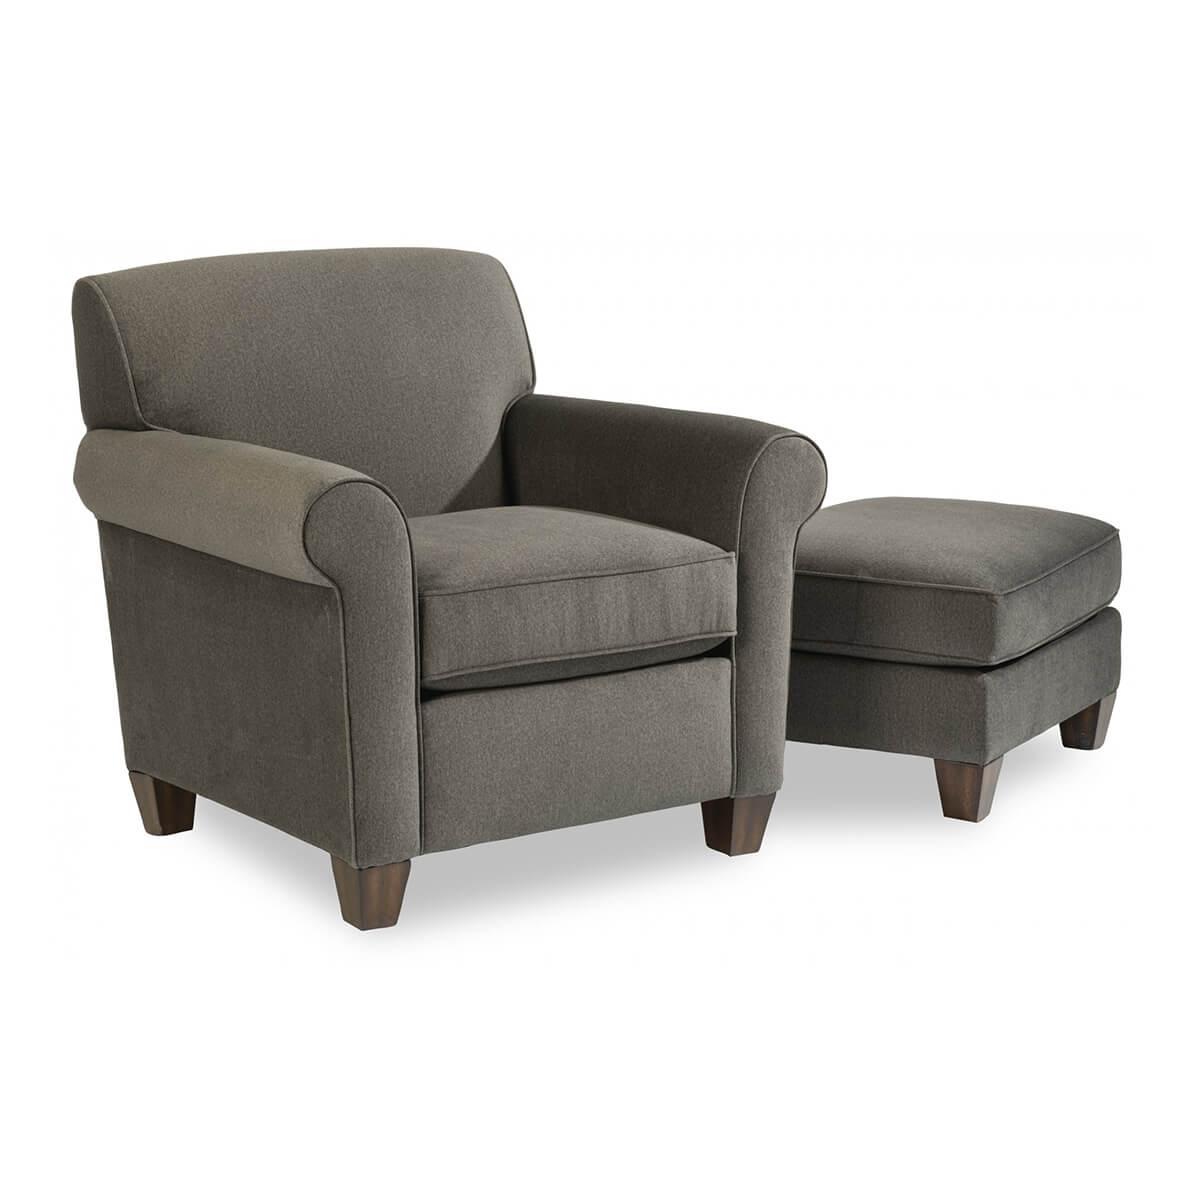 Dana Chair